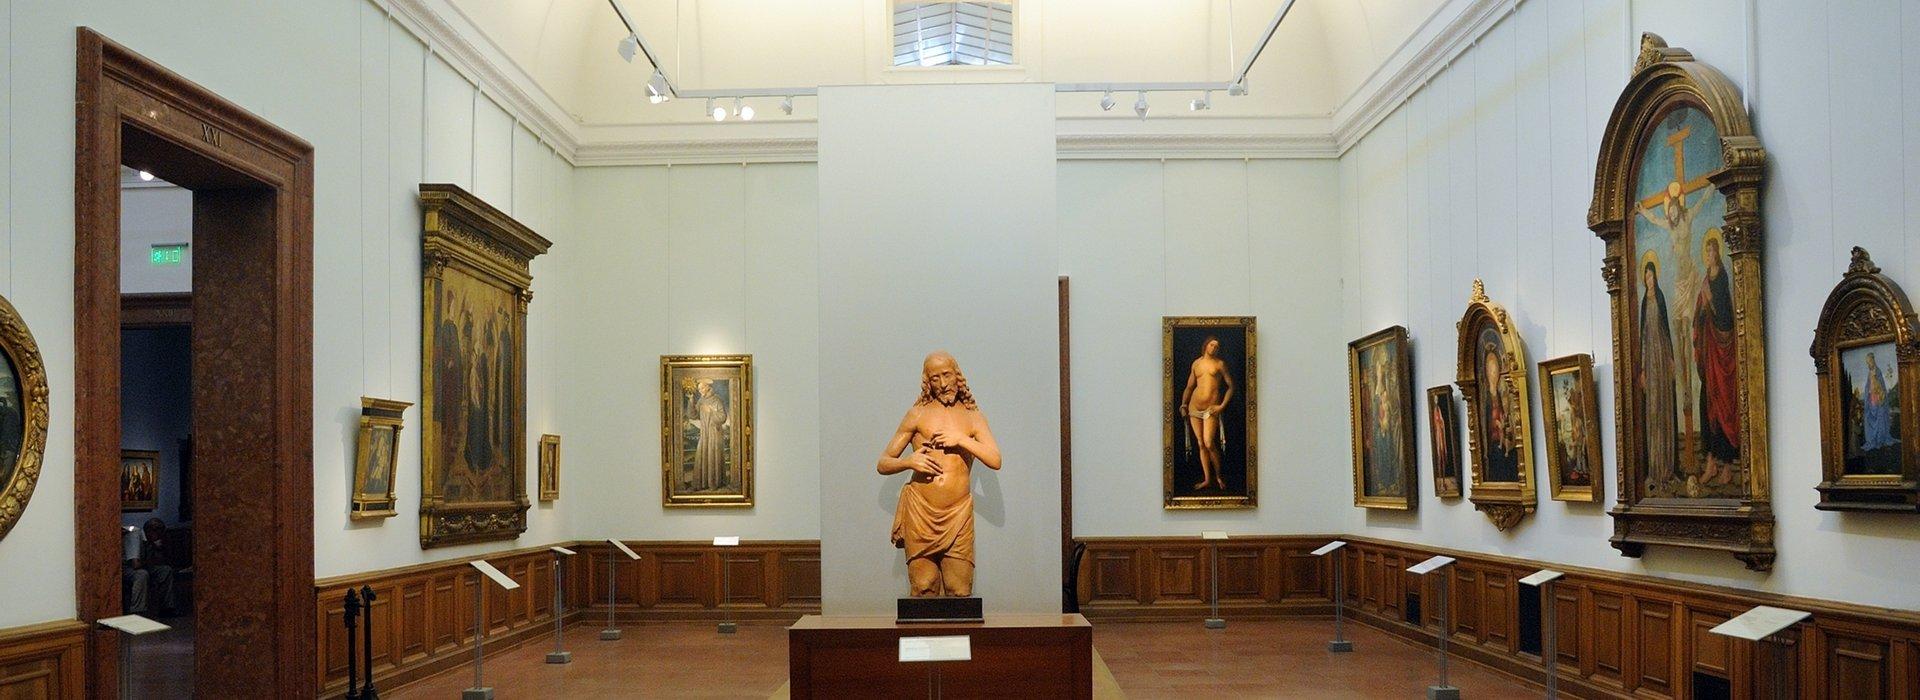 Kiállítótermek és galériák